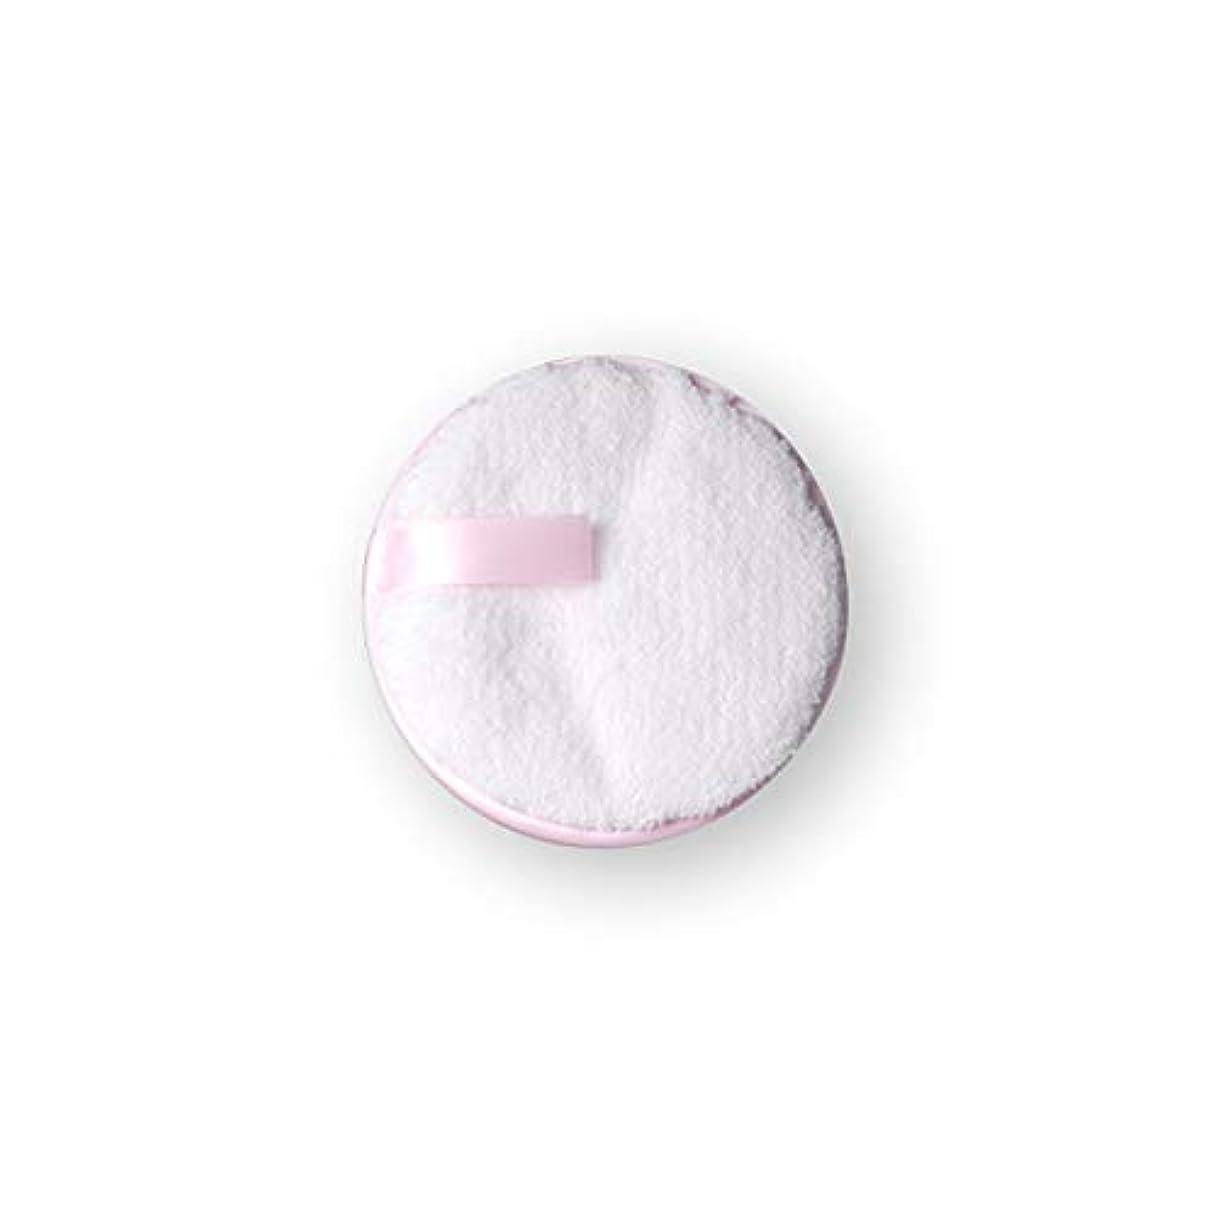 叱る最終セクションメイク落とし布マジックタオル、再利用可能な洗顔タオル - 化学薬品を含まない、ただ水で化粧をすぐに落とす(6PCS)